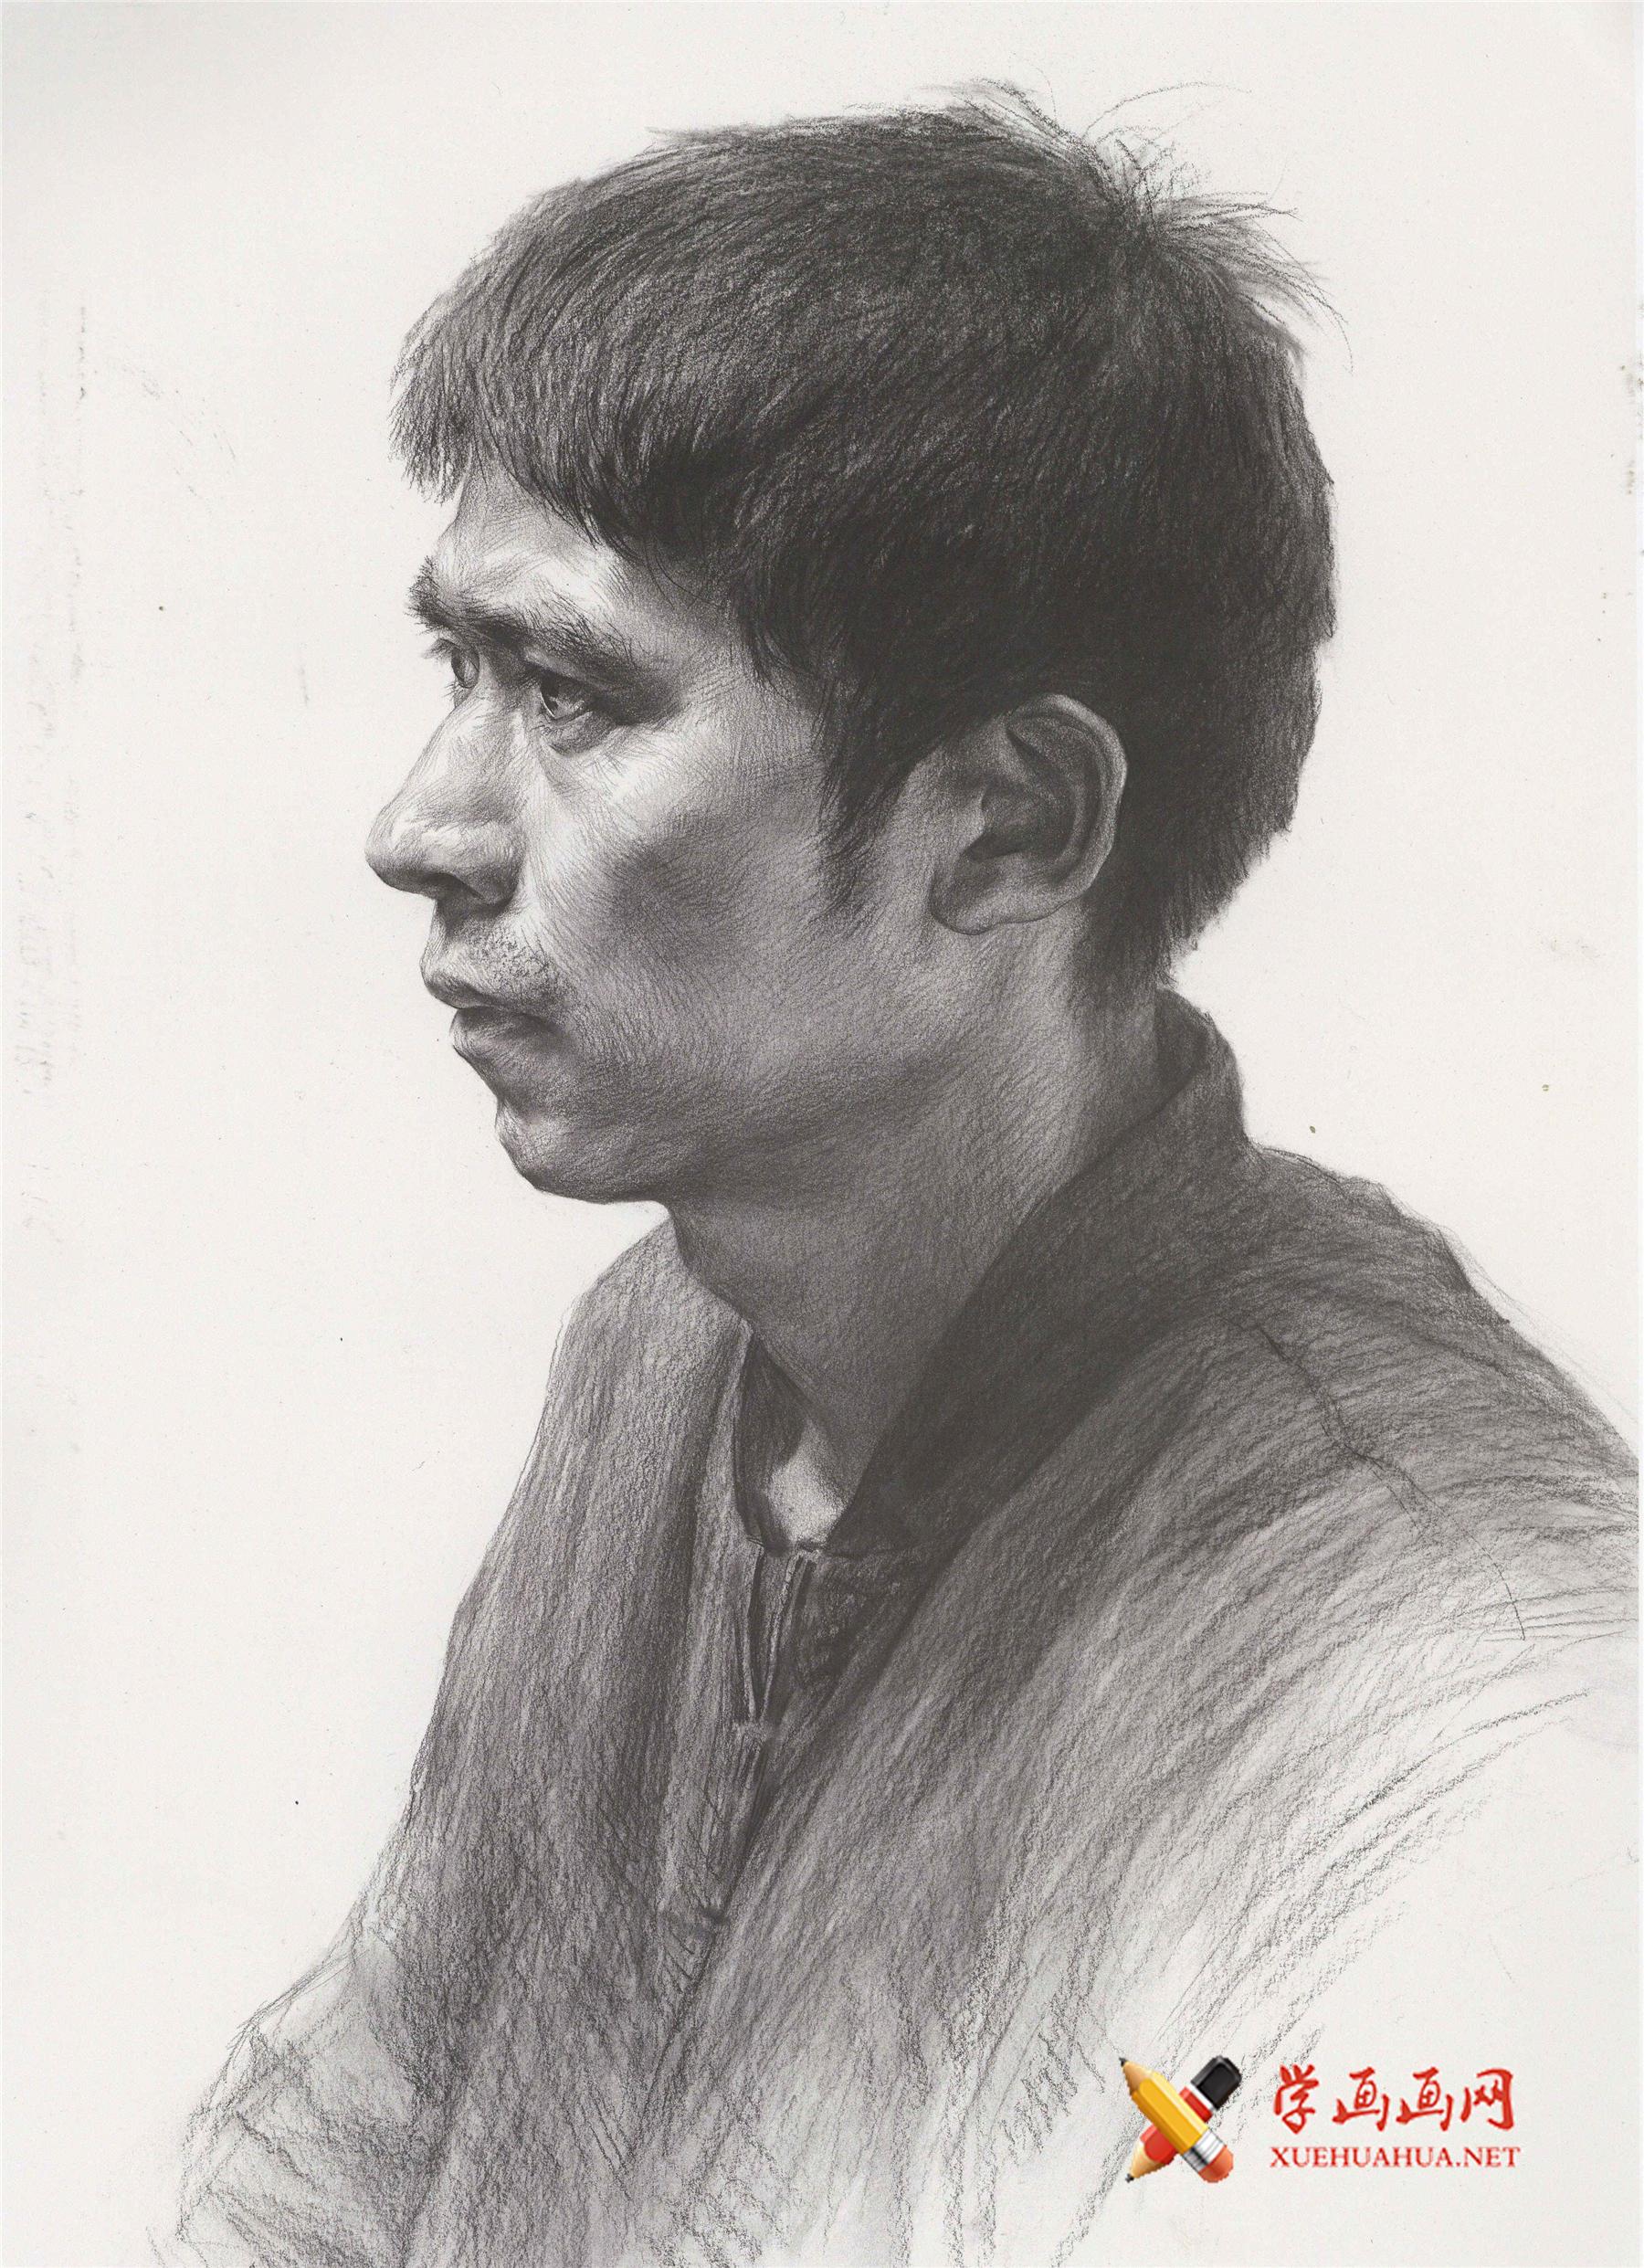 优秀素描人像作品:侧面中年男子素描高清图片欣赏(1)